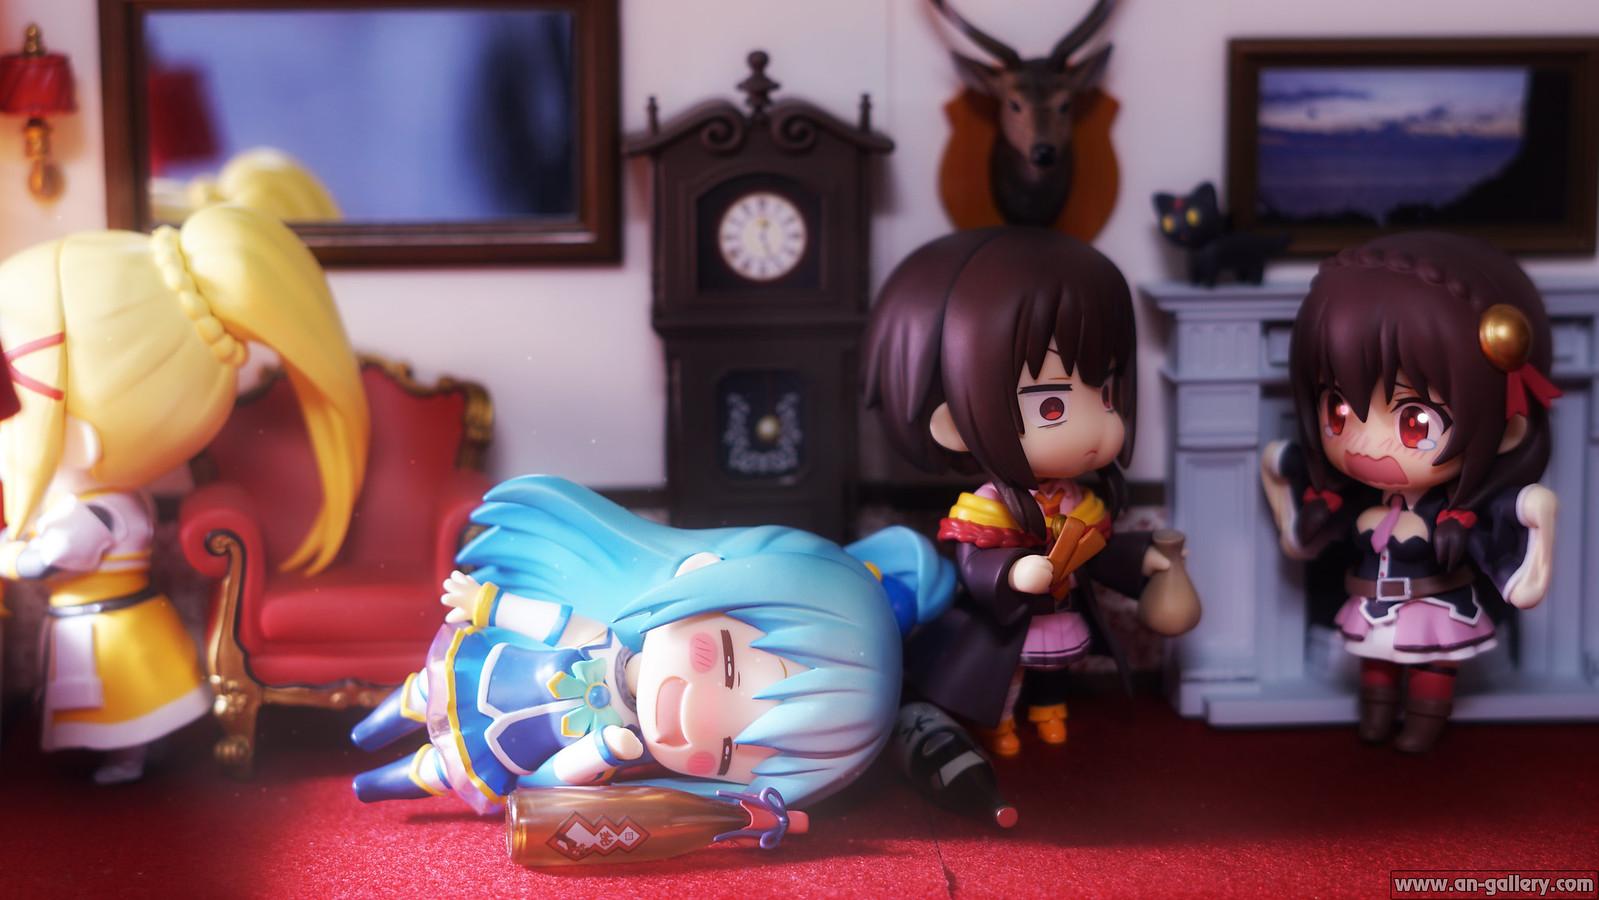 The weekend of Konosuba's heroines